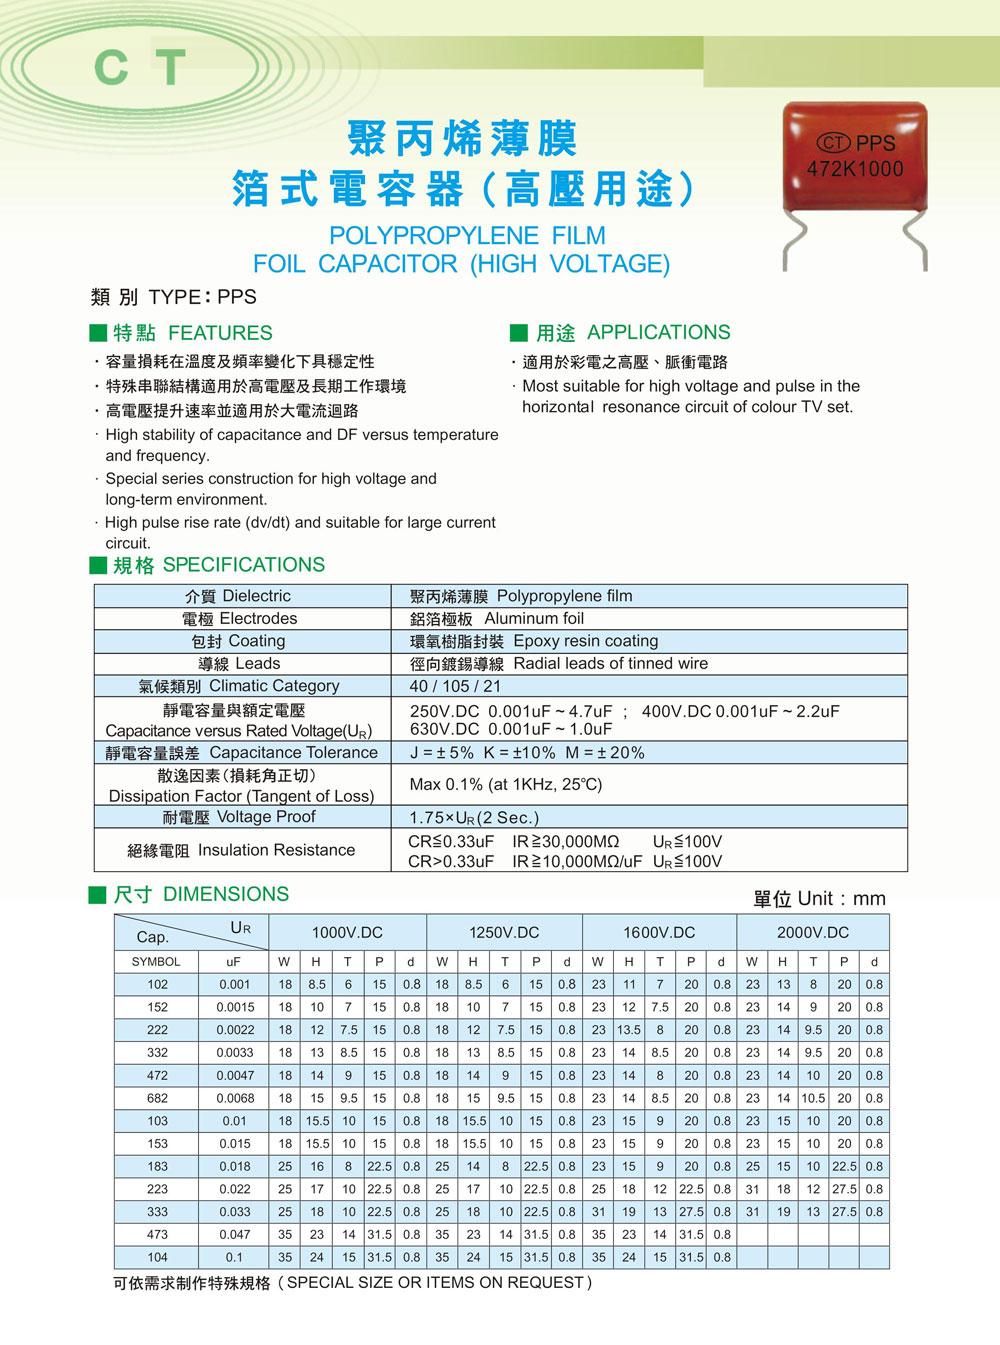 proimages/c-product/c-film-capacitors-1/PPS尺寸表.jpg